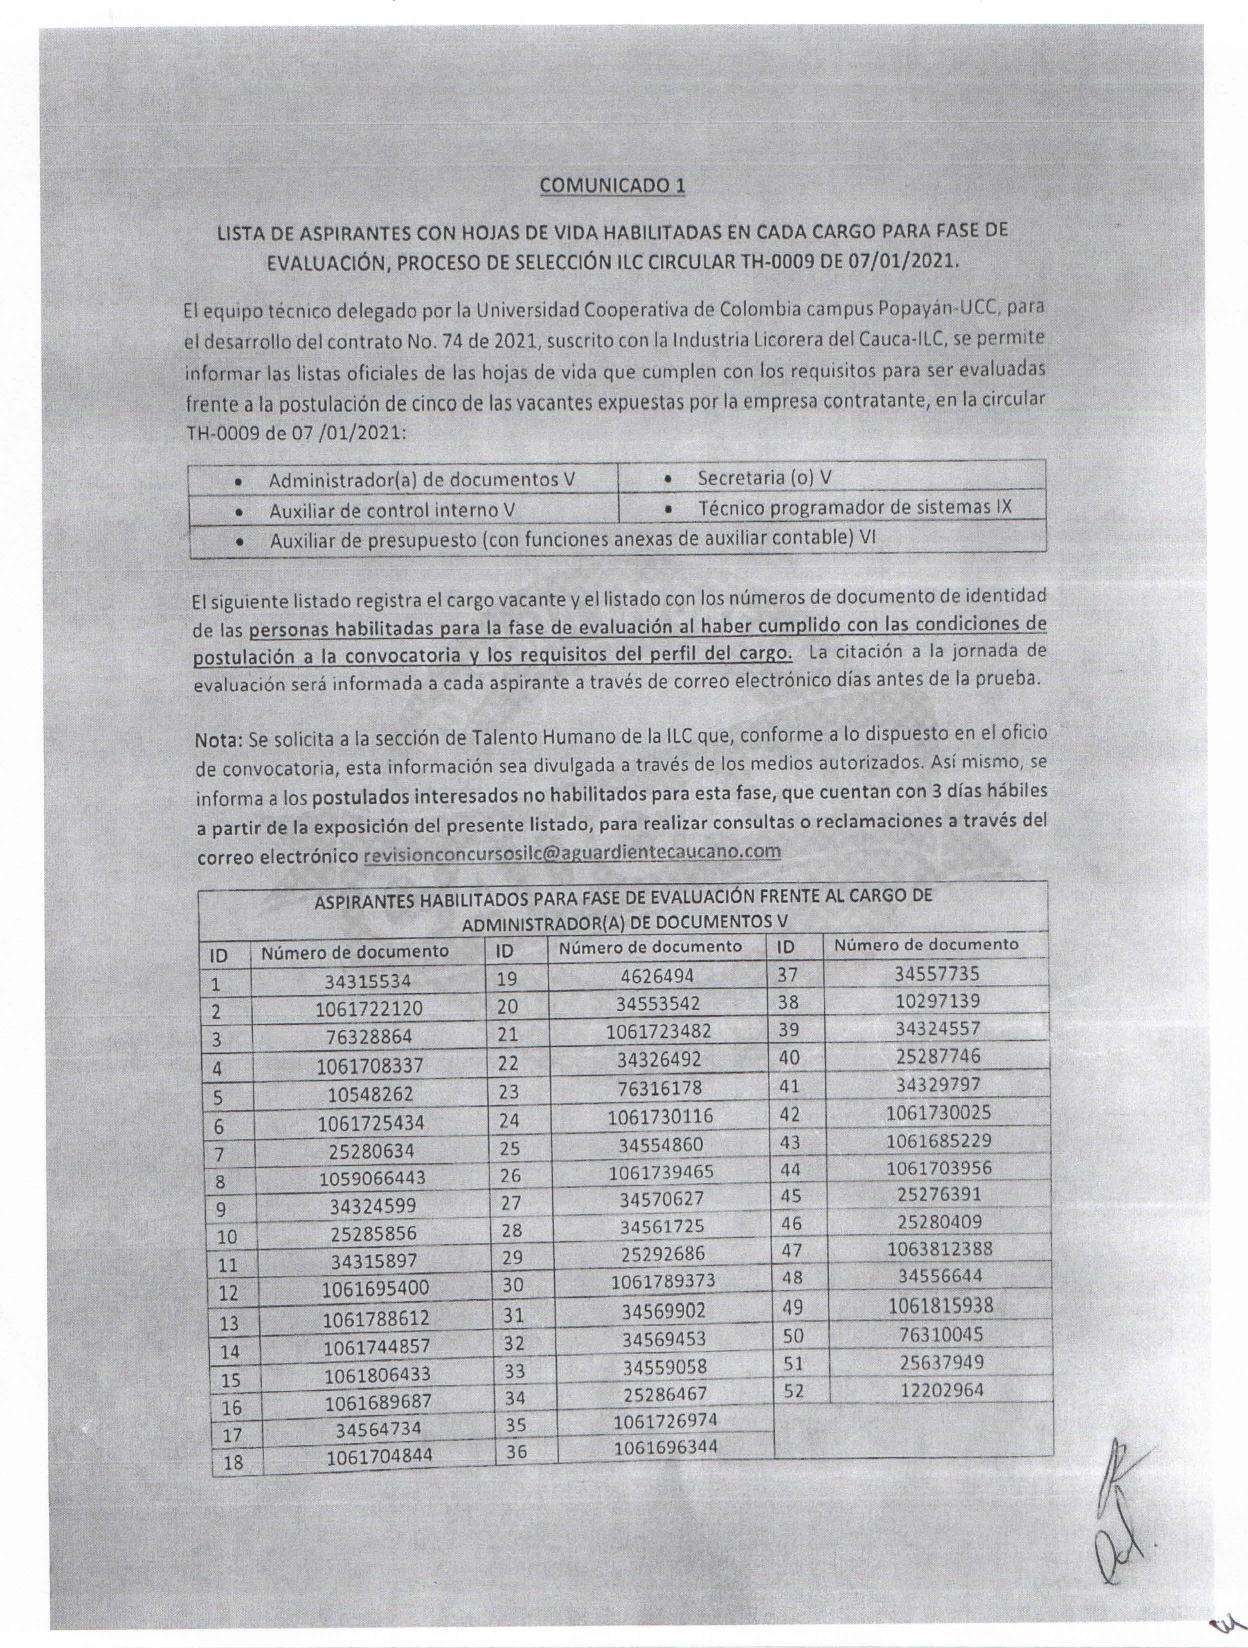 LISTADO DE ASPIRANTES HABILITADOS PARA PRESENTACIÓN DE PRUEBAS ( CONCURSO EXTERNO ILC).